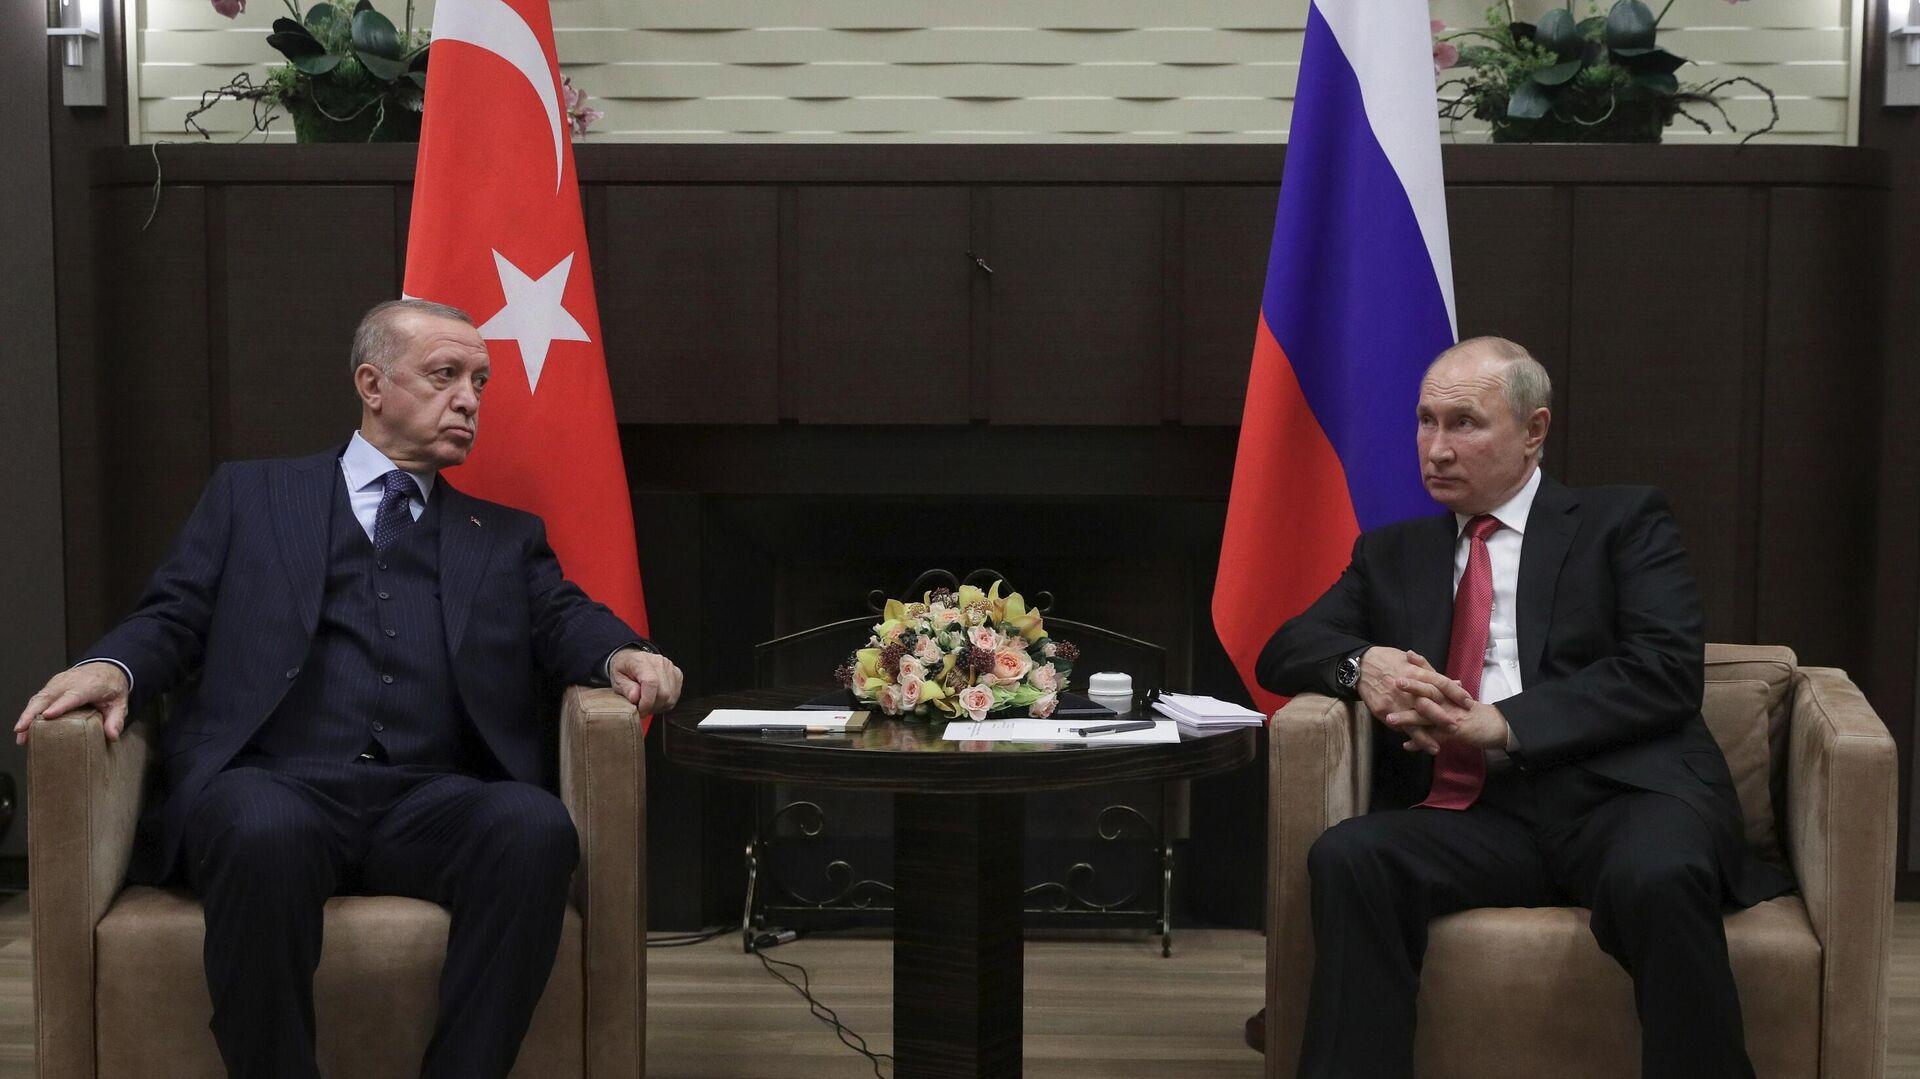 Переговоры Путина и Эрдогана в Сочи завершились спустя три часа